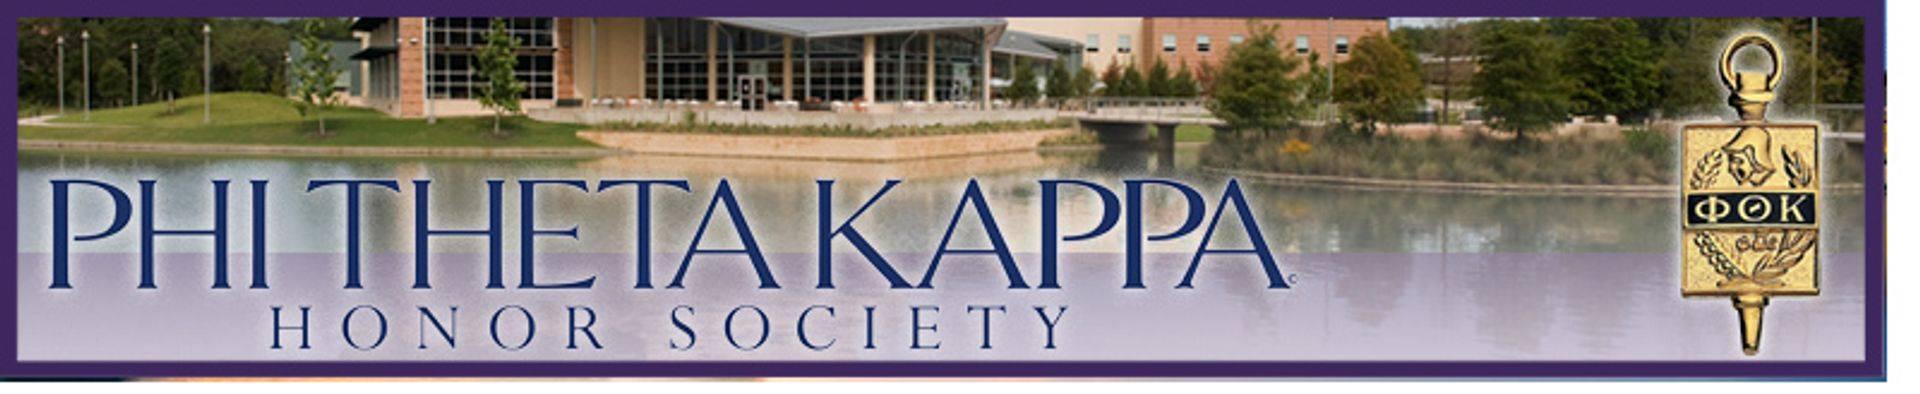 Phi Theta Kappa - Alpha Pi Delta Chapter